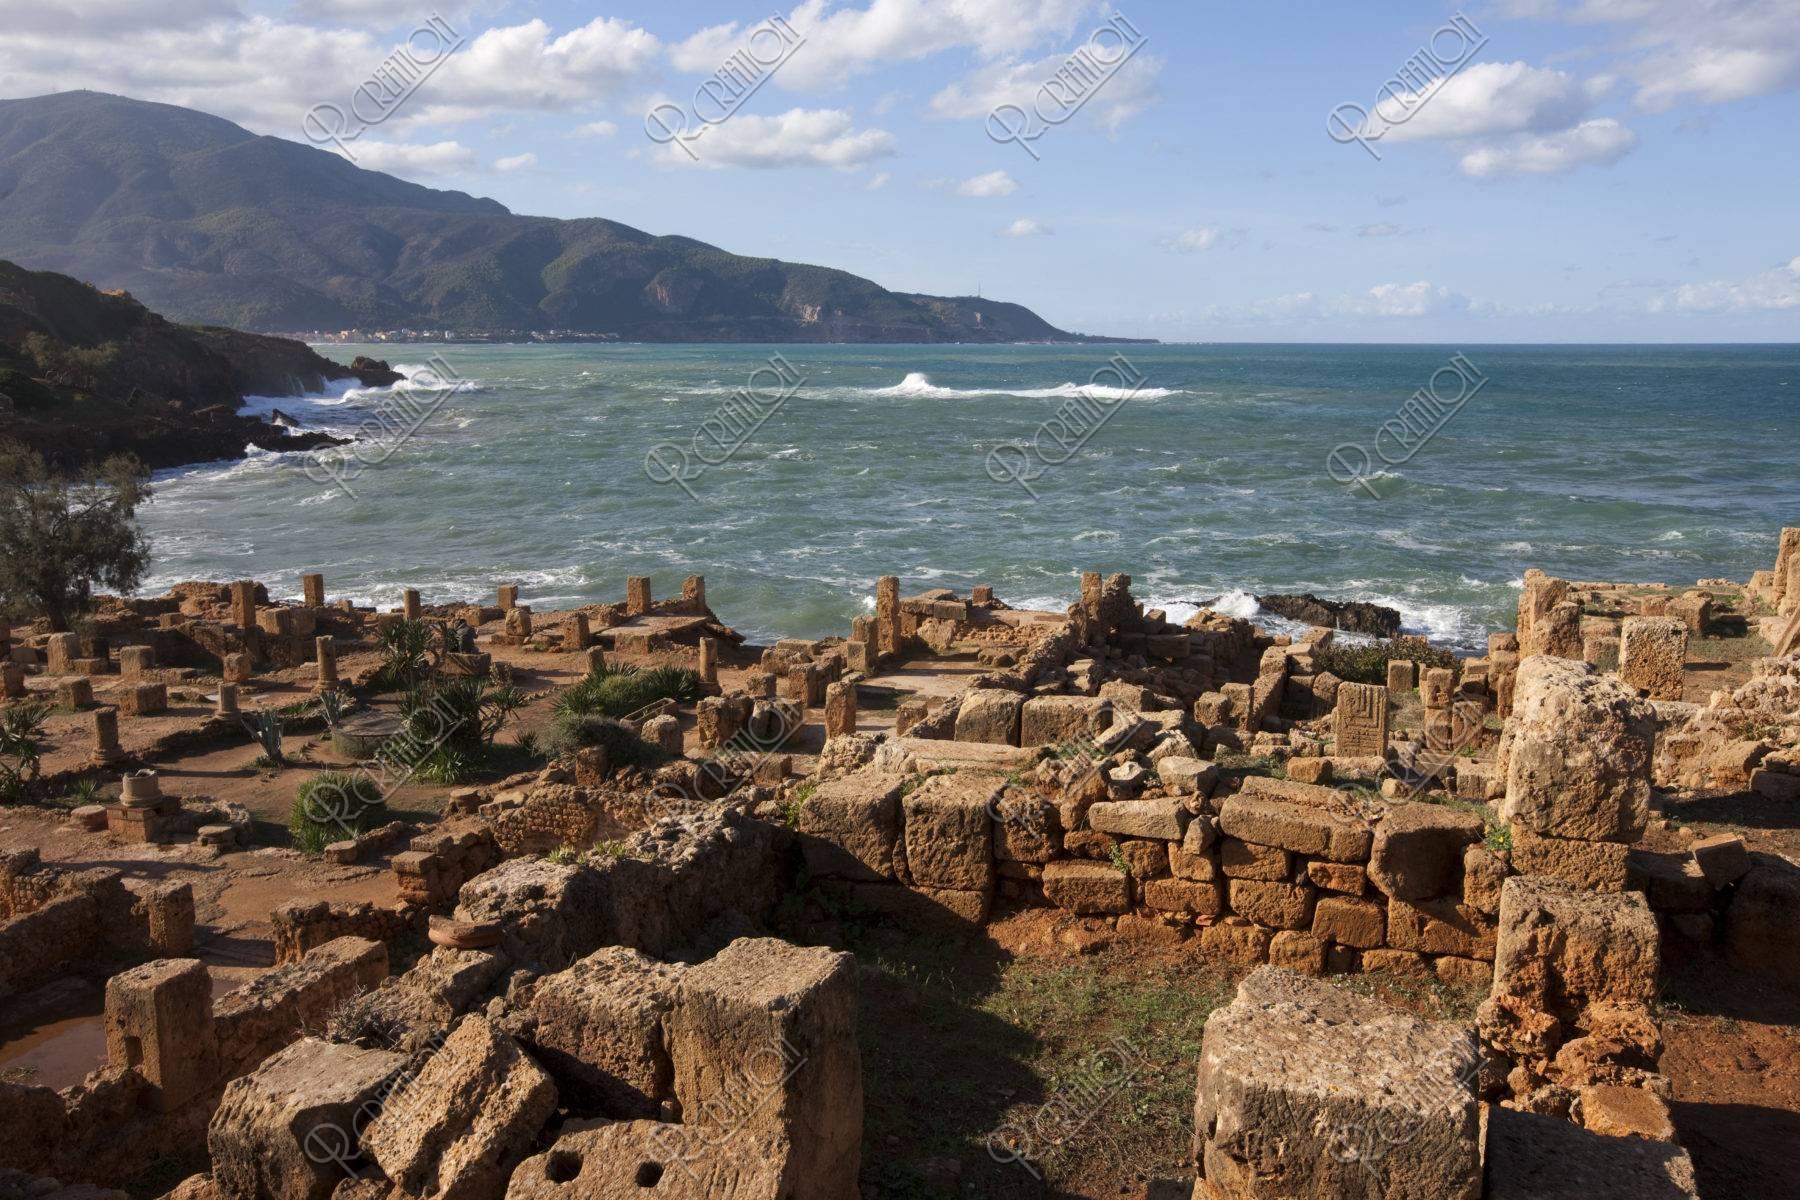 ティパサの考古遺跡 世界遺産